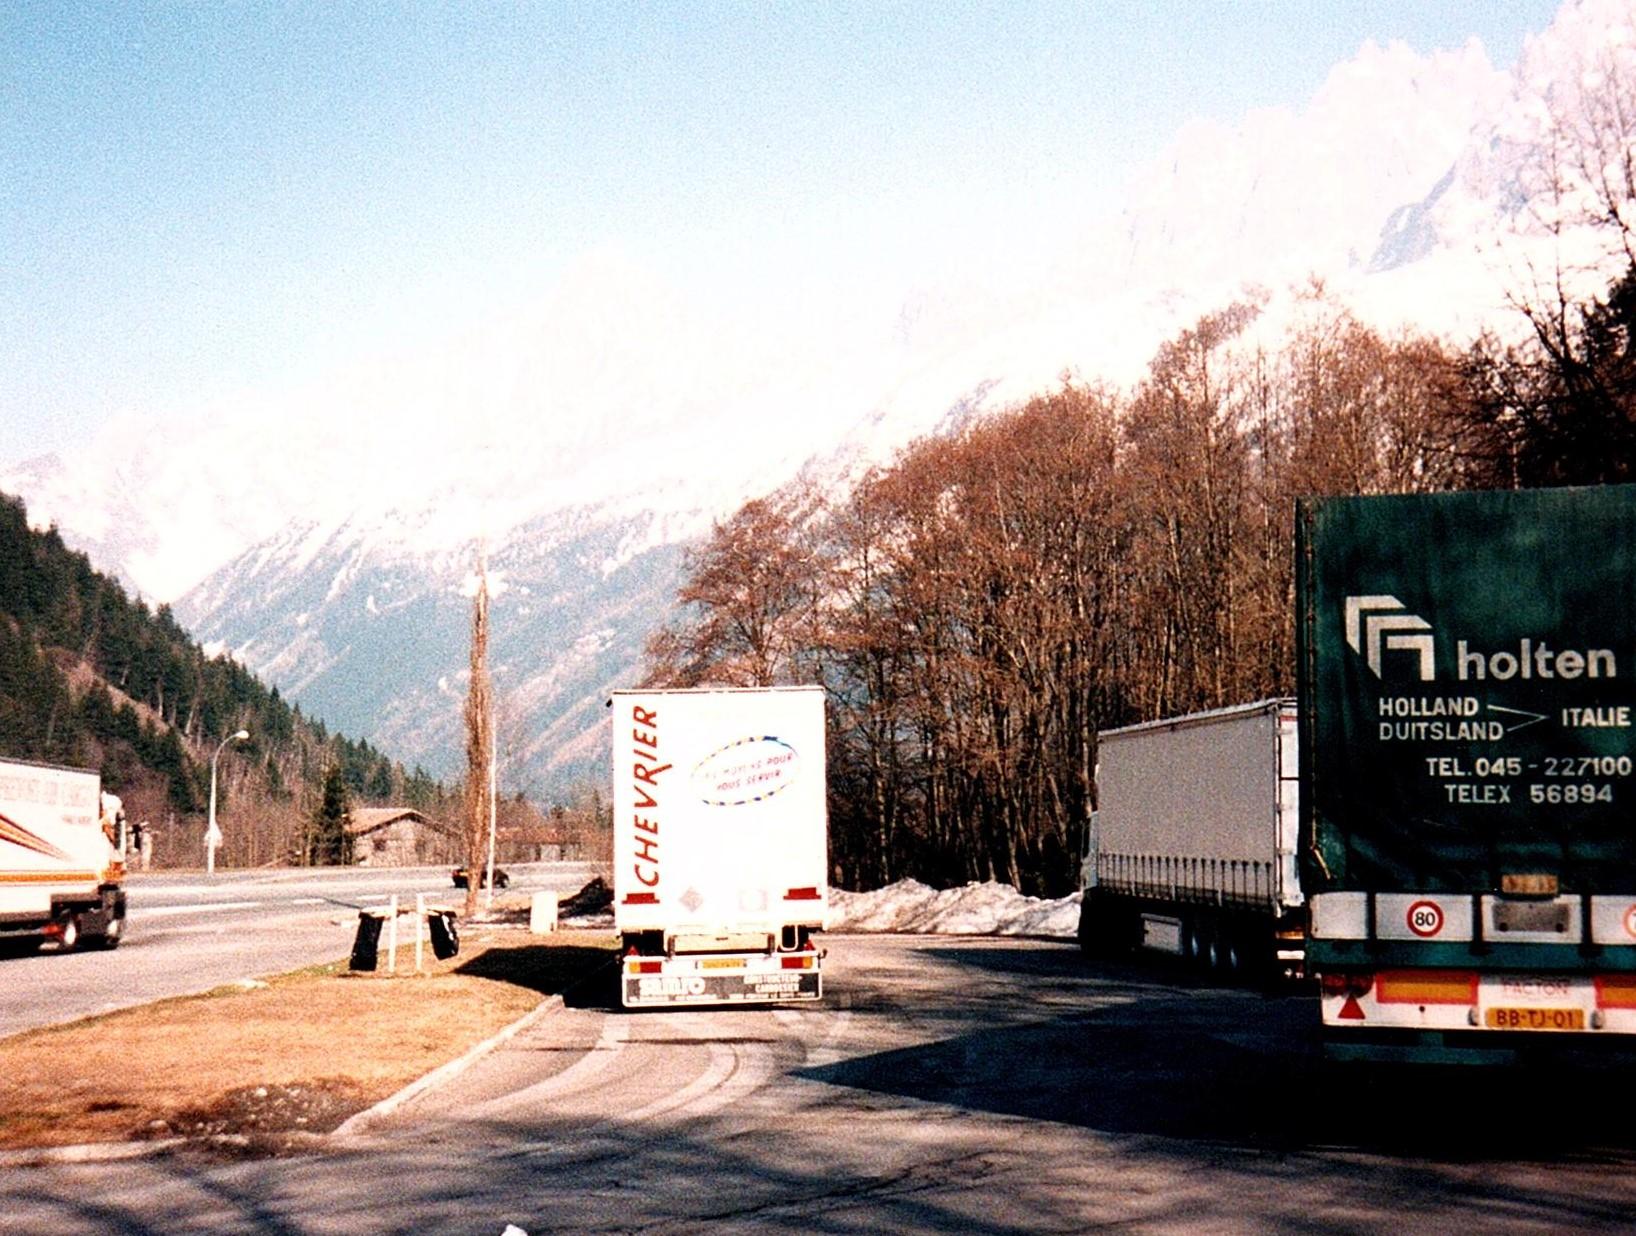 Bert-met-de-Scania-vakantie-vieren-in-Italie-37